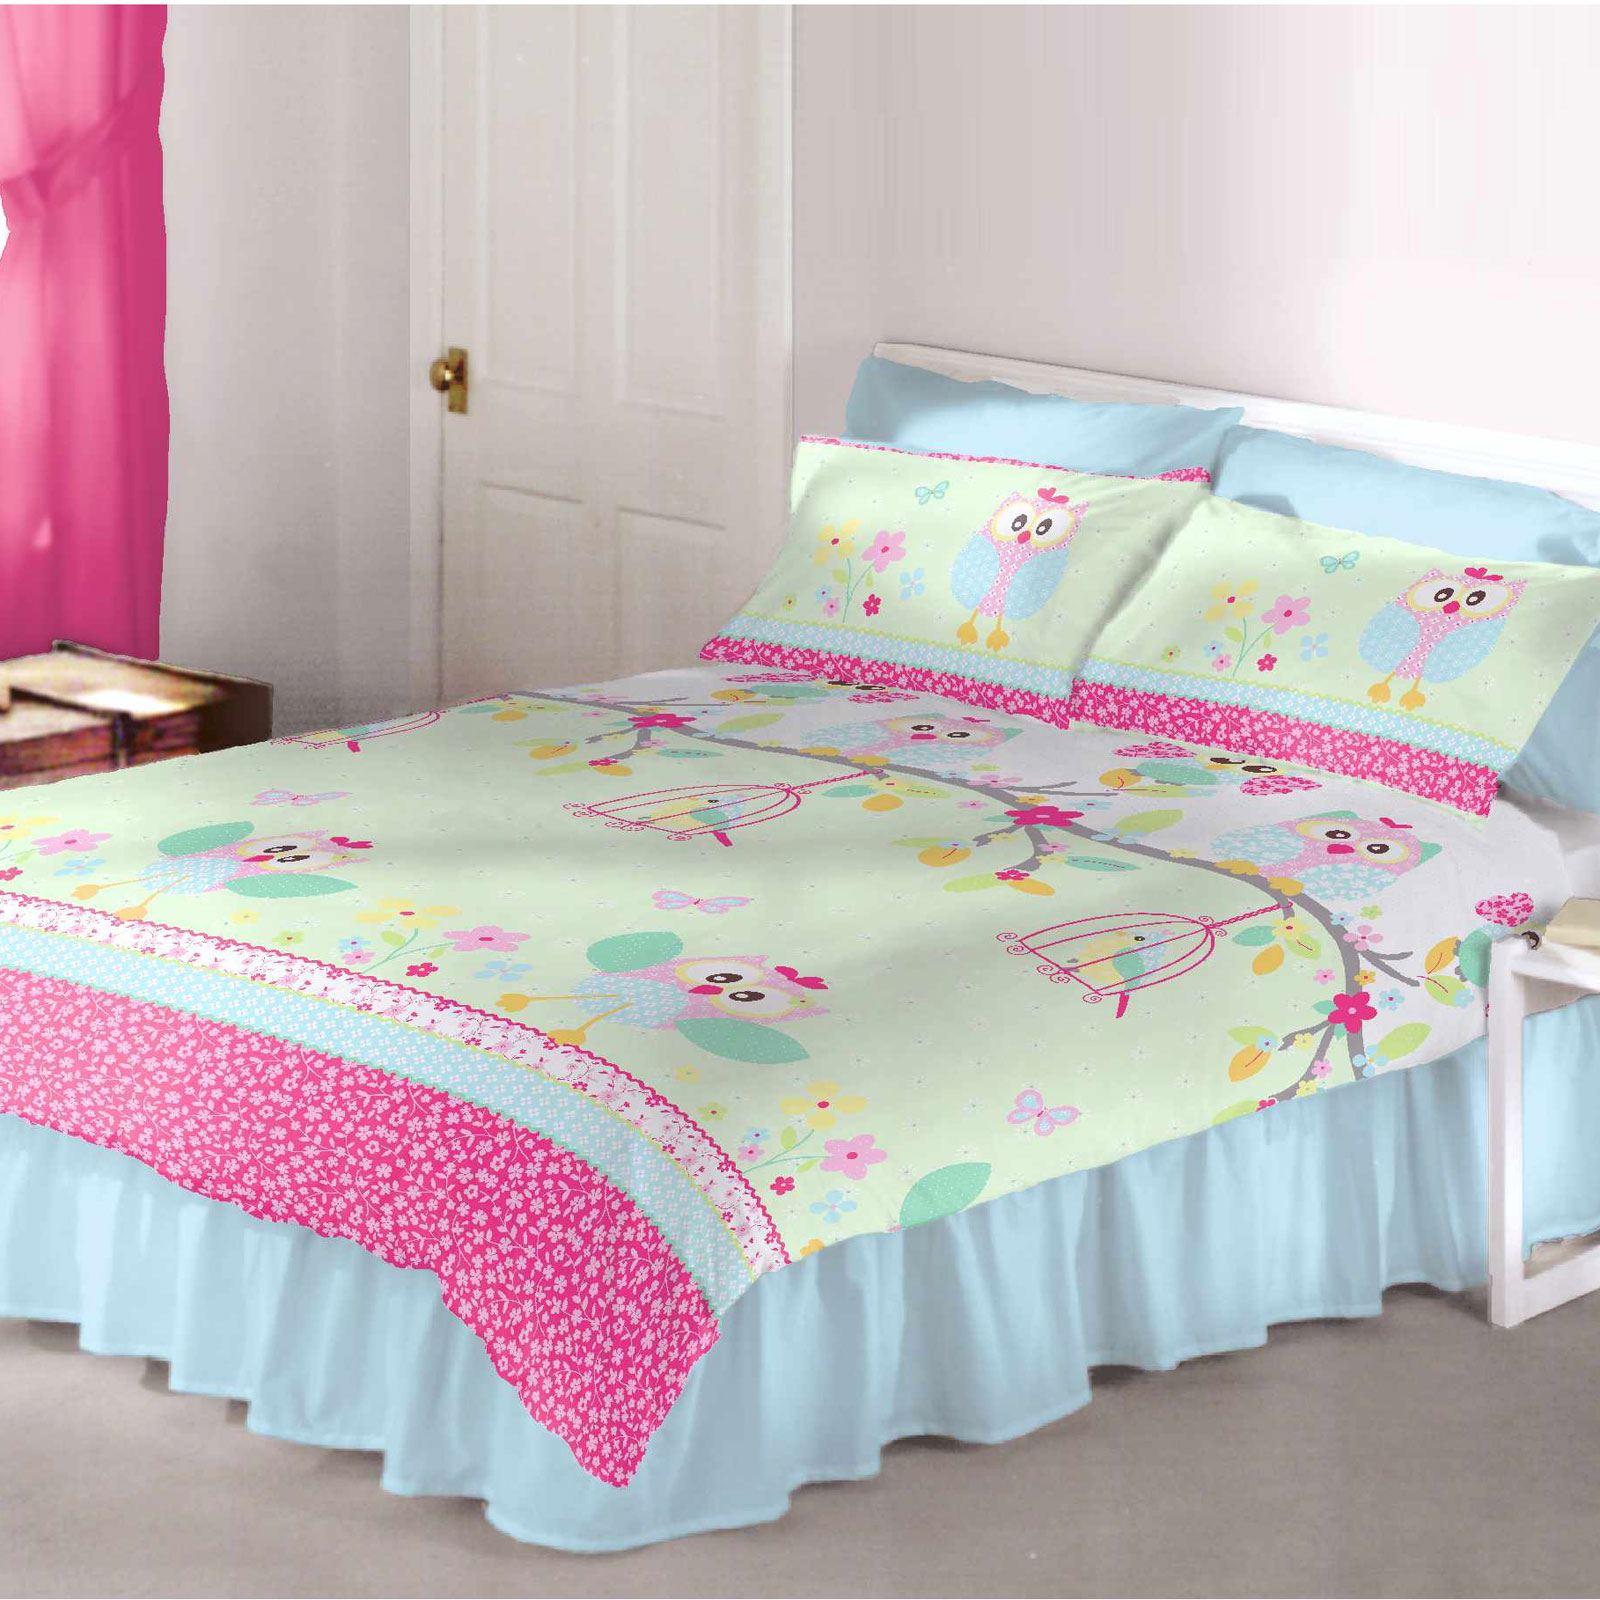 m dchen bettw sche junior einzeln doppel bettbez ge einh rner ponys ebay. Black Bedroom Furniture Sets. Home Design Ideas